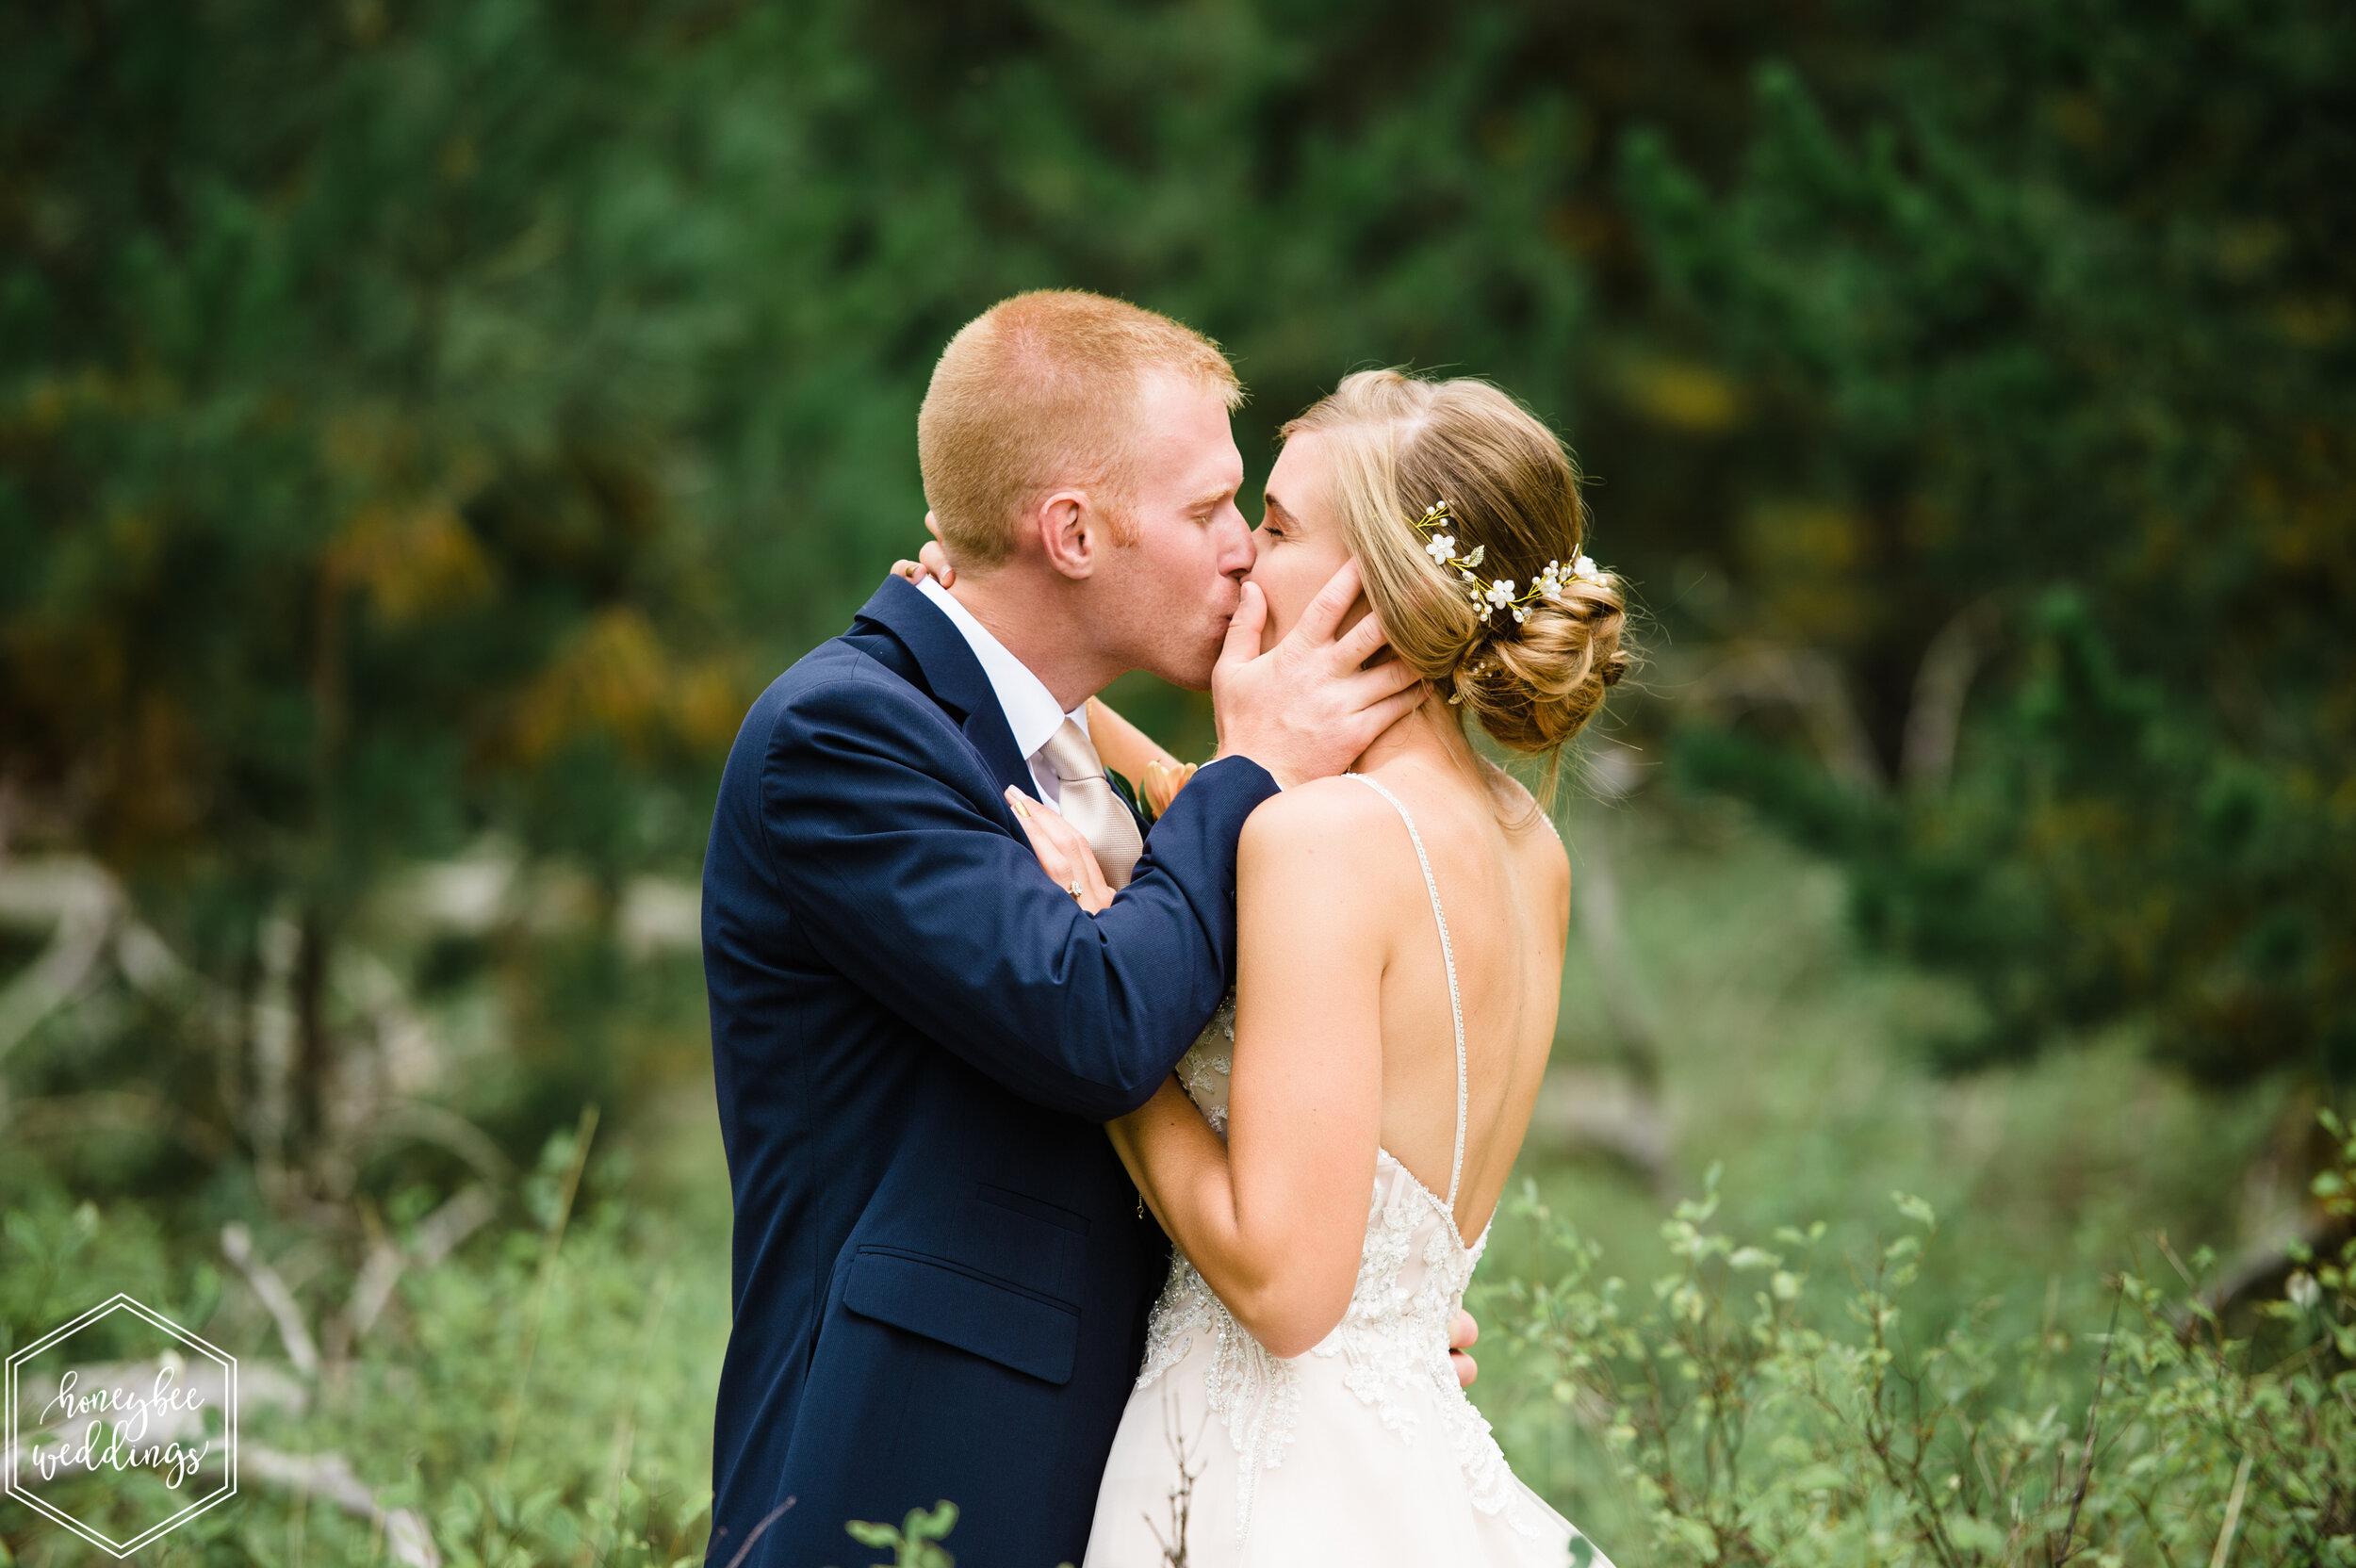 037Seven Mile Meadows Wedding_Montana Wedding Photographer_Jamie & Wes_Honeybee Weddings_September 07, 2019-128.jpg